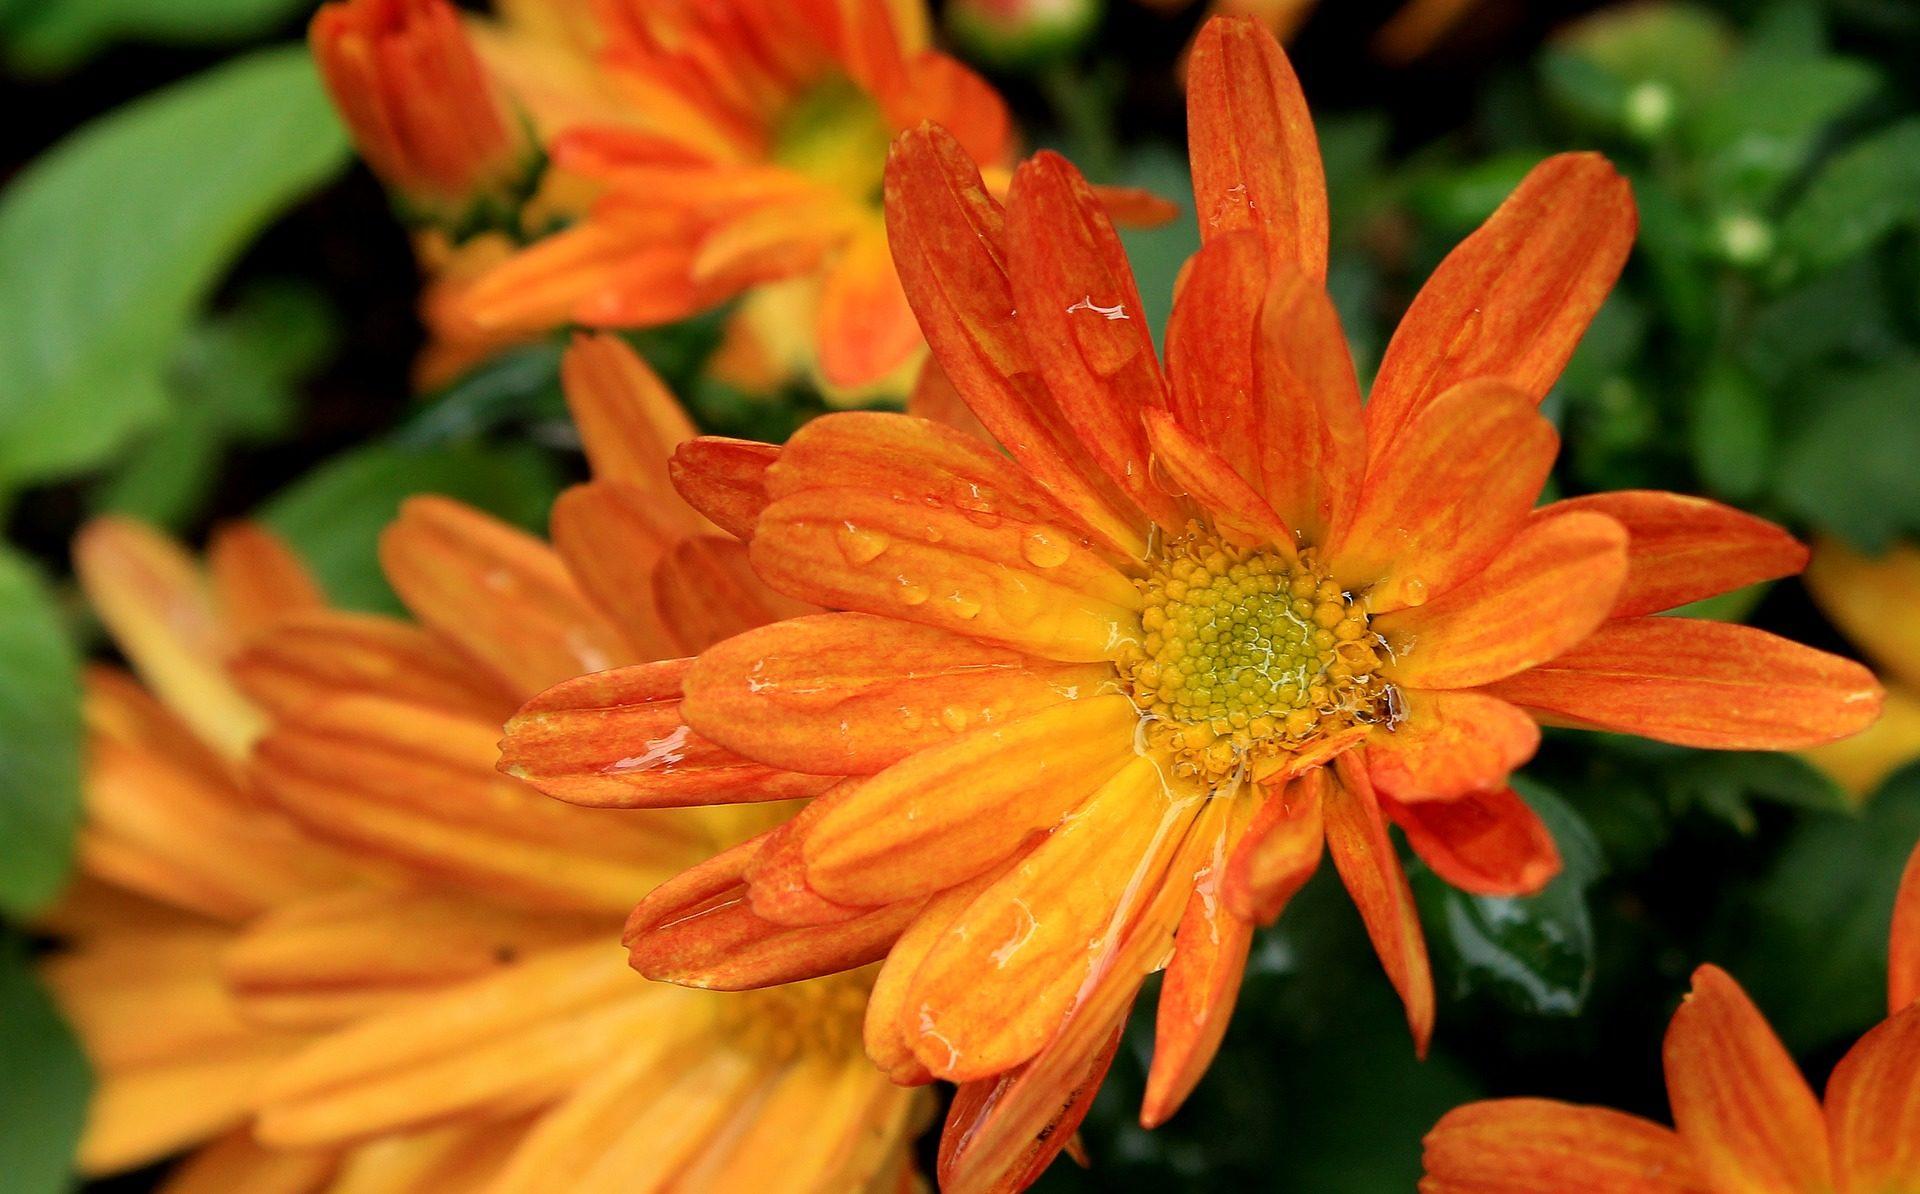 Margarita, ऑरेंज, फूल, पंखुड़ियों, गार्डन, बूँदें, वर्षा - HD वॉलपेपर - प्रोफेसर-falken.com